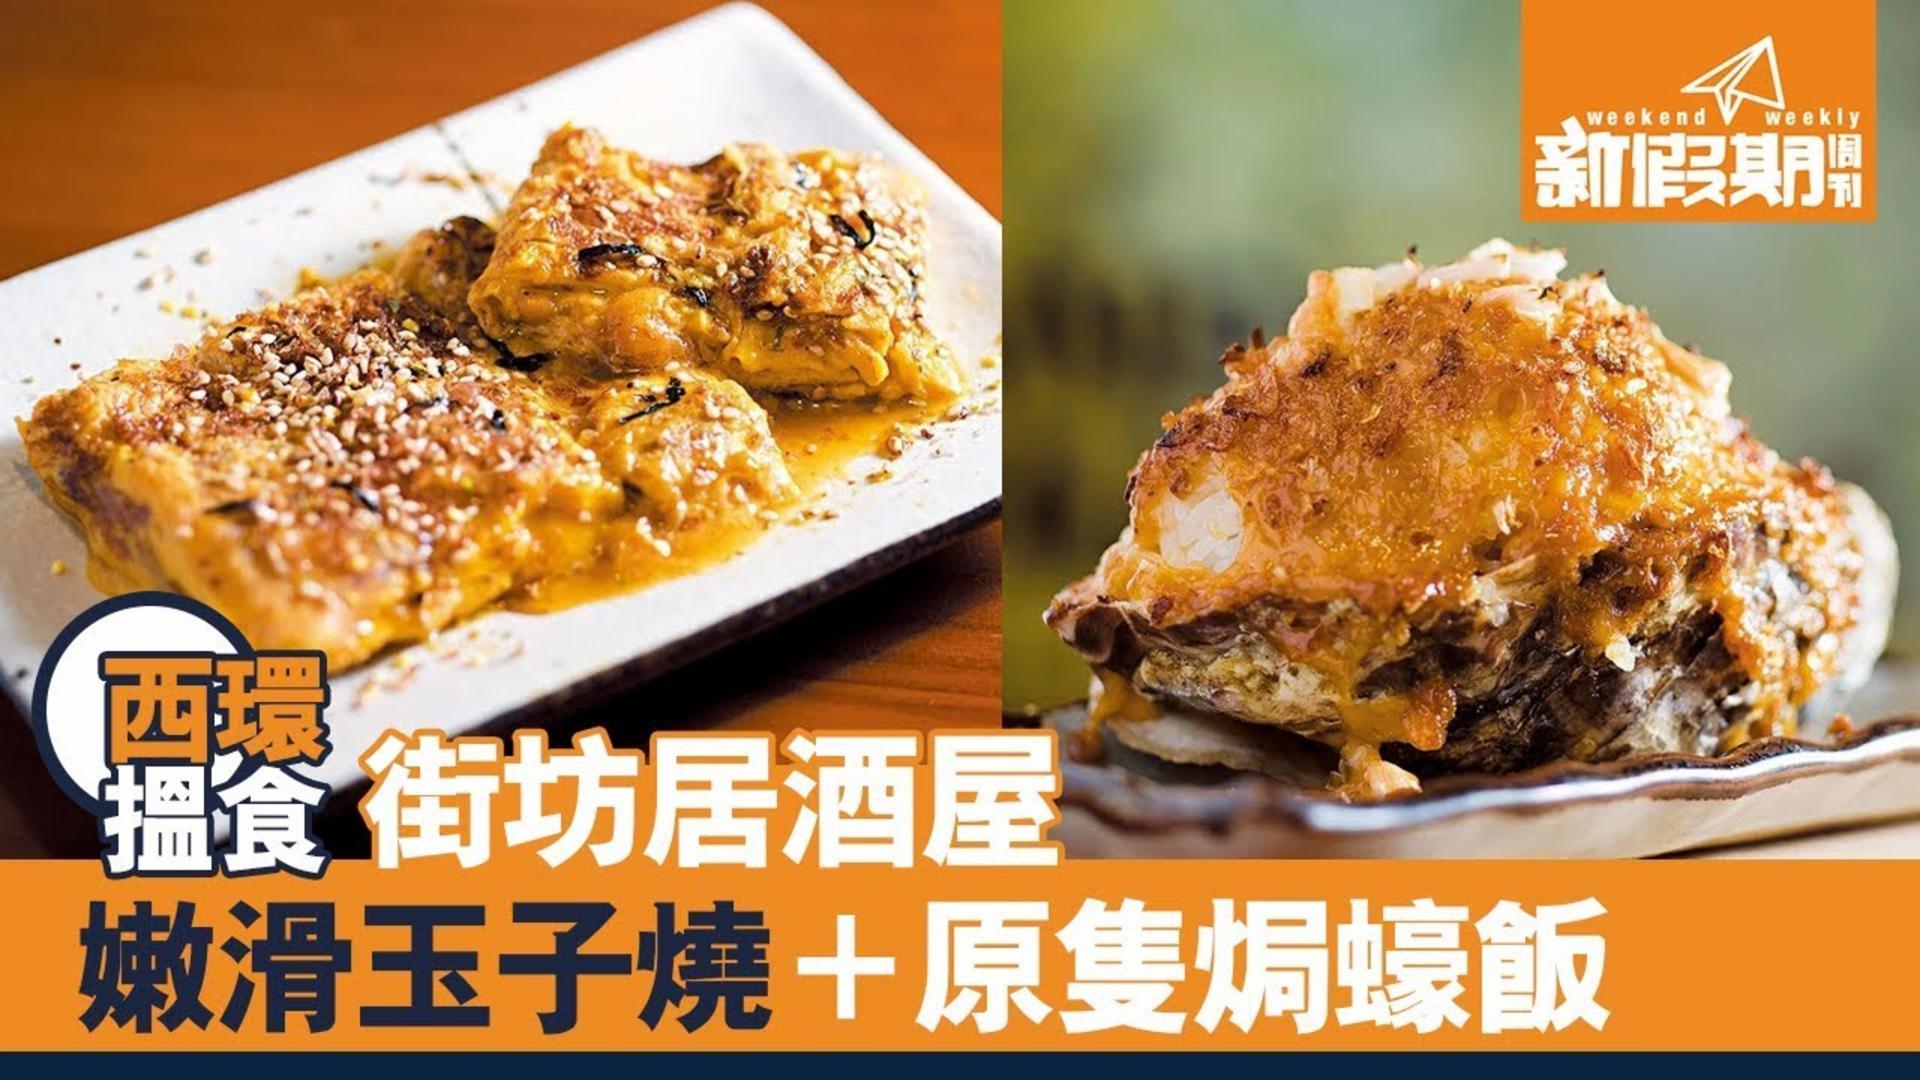 【出街搵食】西環日菜|超巿變身日本餐廳 巨型鰻魚飯+海膽玉子燒|新假期